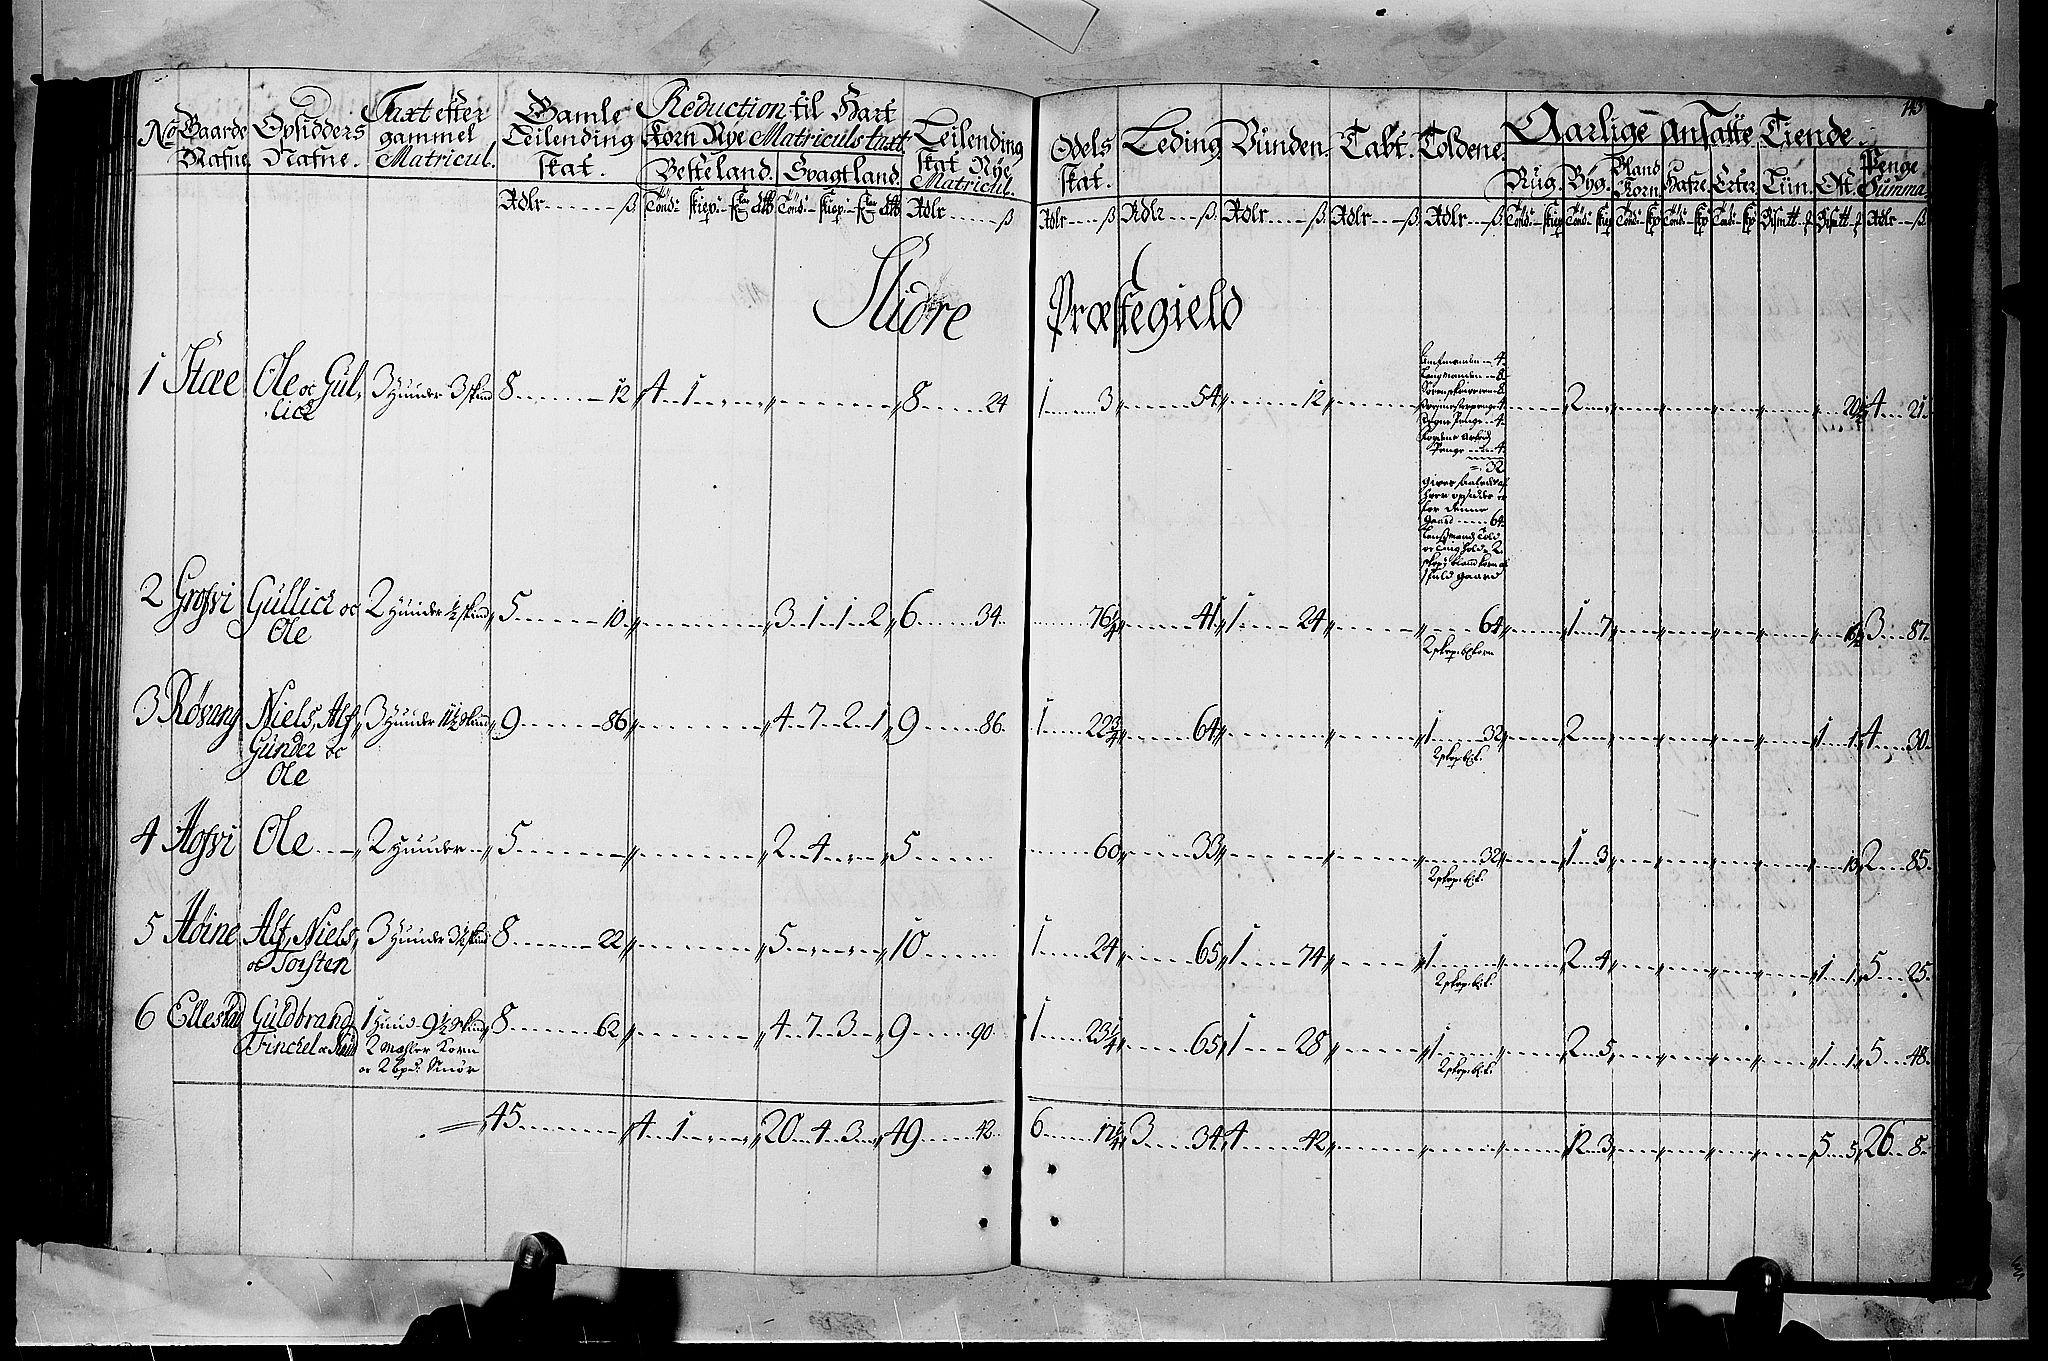 RA, Rentekammeret inntil 1814, Realistisk ordnet avdeling, N/Nb/Nbf/L0105: Hadeland, Toten og Valdres matrikkelprotokoll, 1723, s. 142b-143a